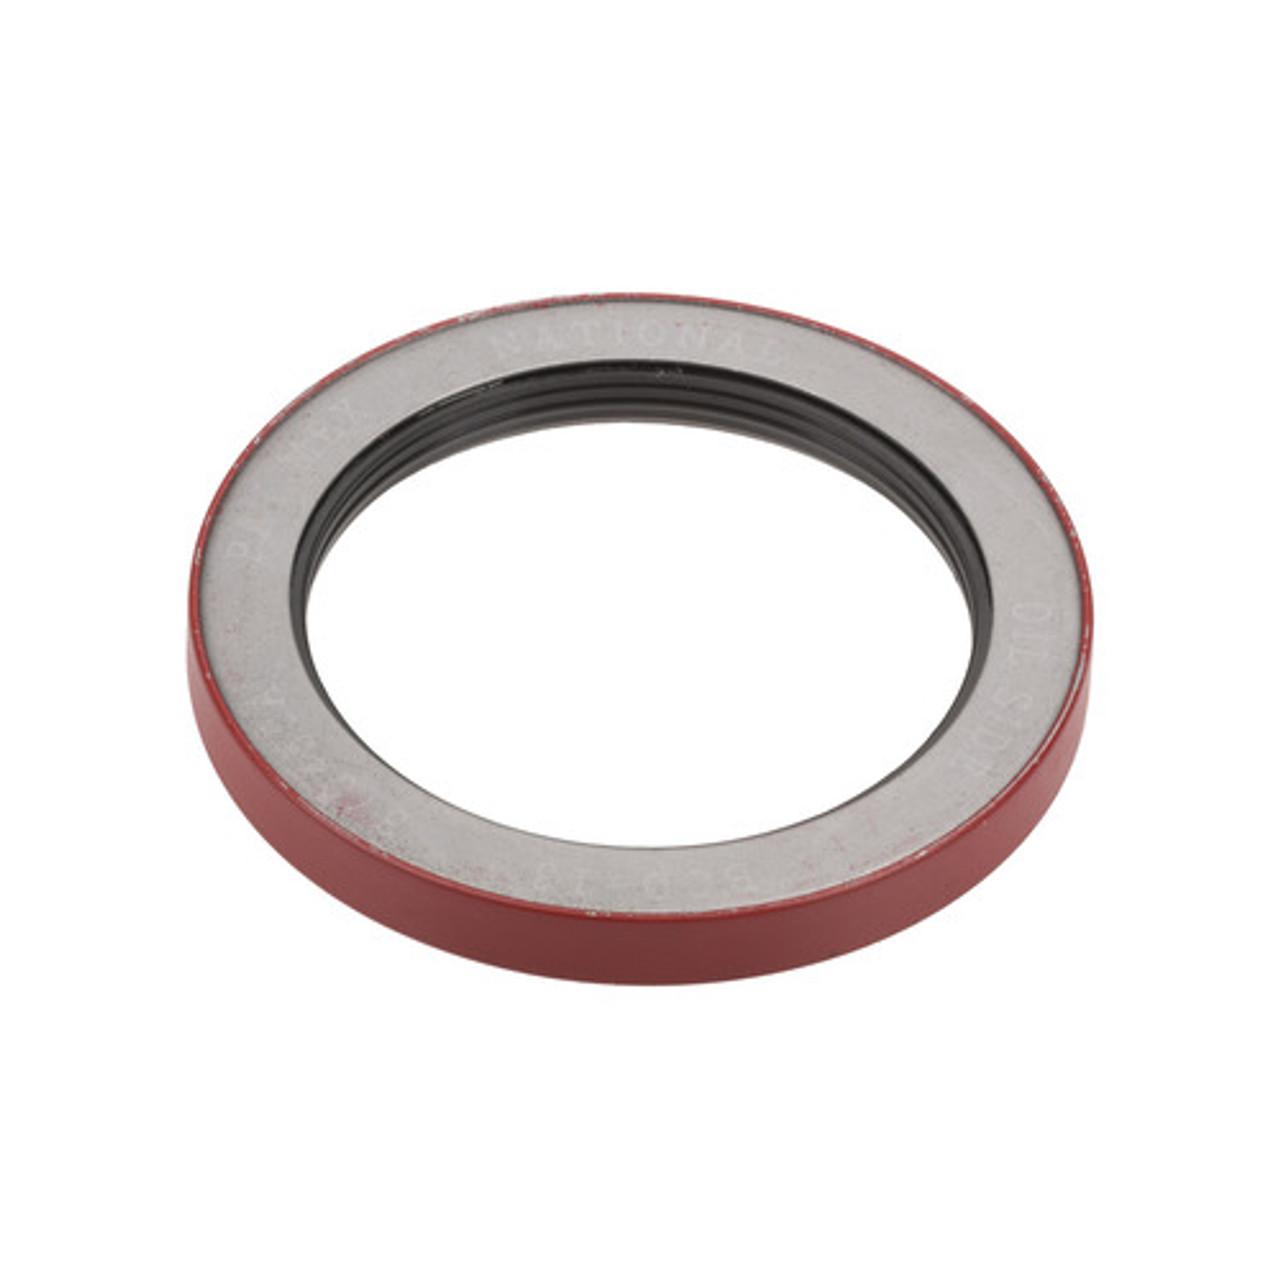 Wheel Seal- 3.88 OD 2.875 ID